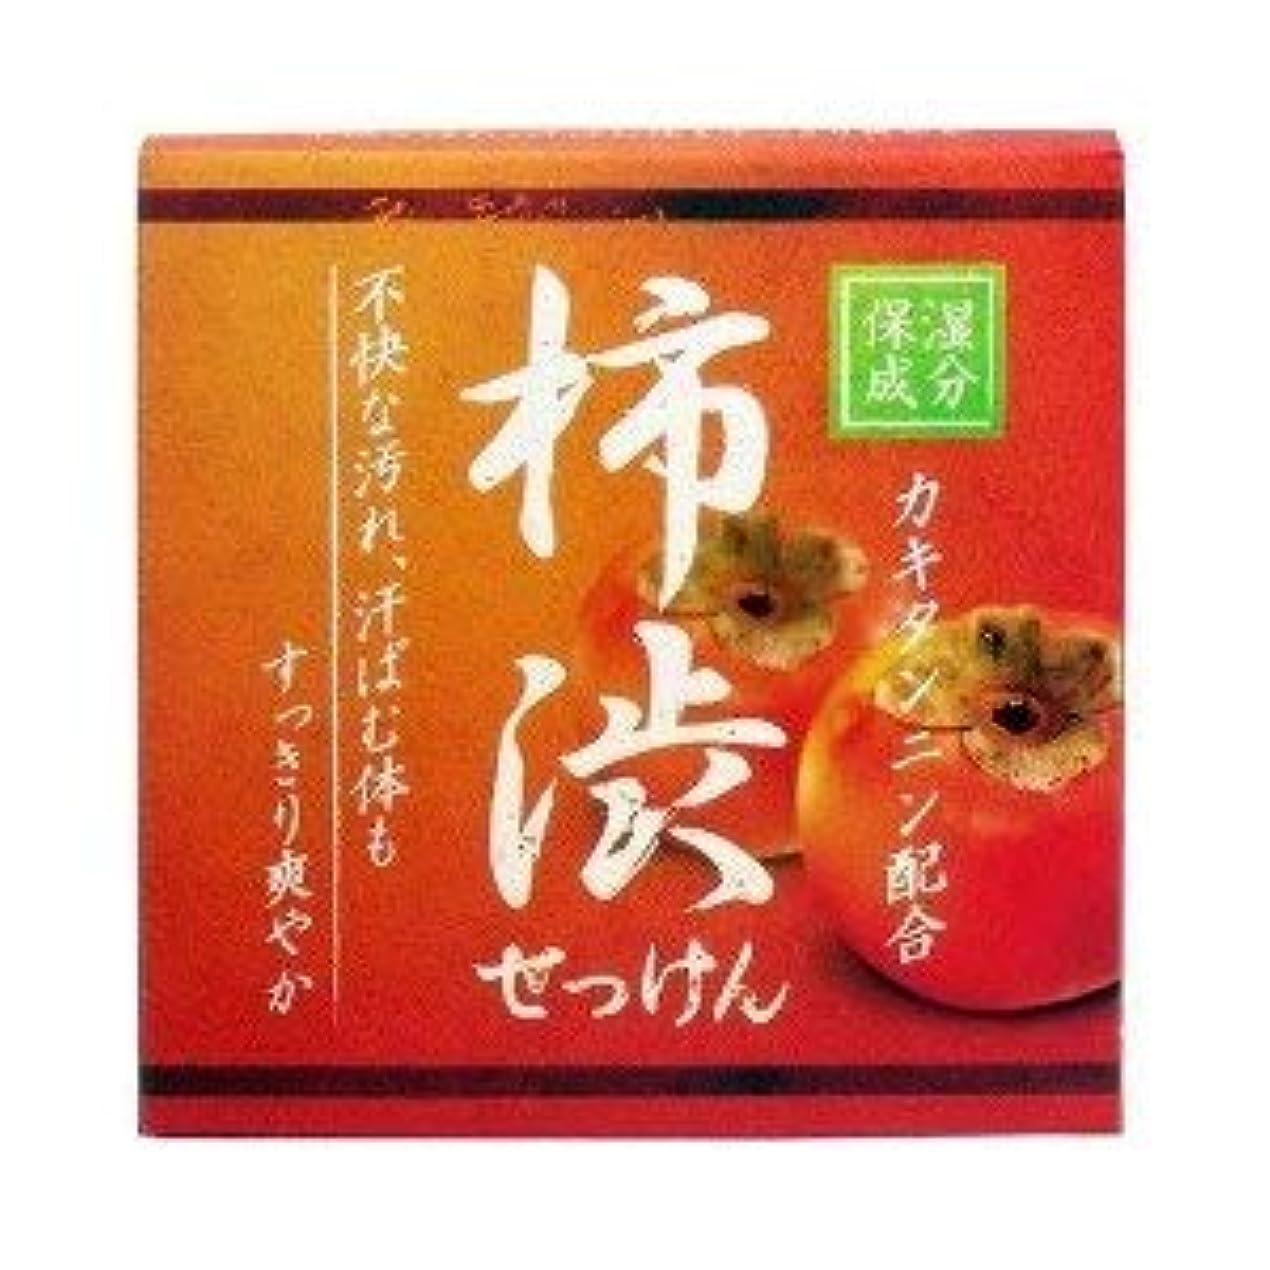 広大な深遠結婚した柿渋配合せっけん カキタンニン配合保湿成分 80g×2 2個1セット 石鹸